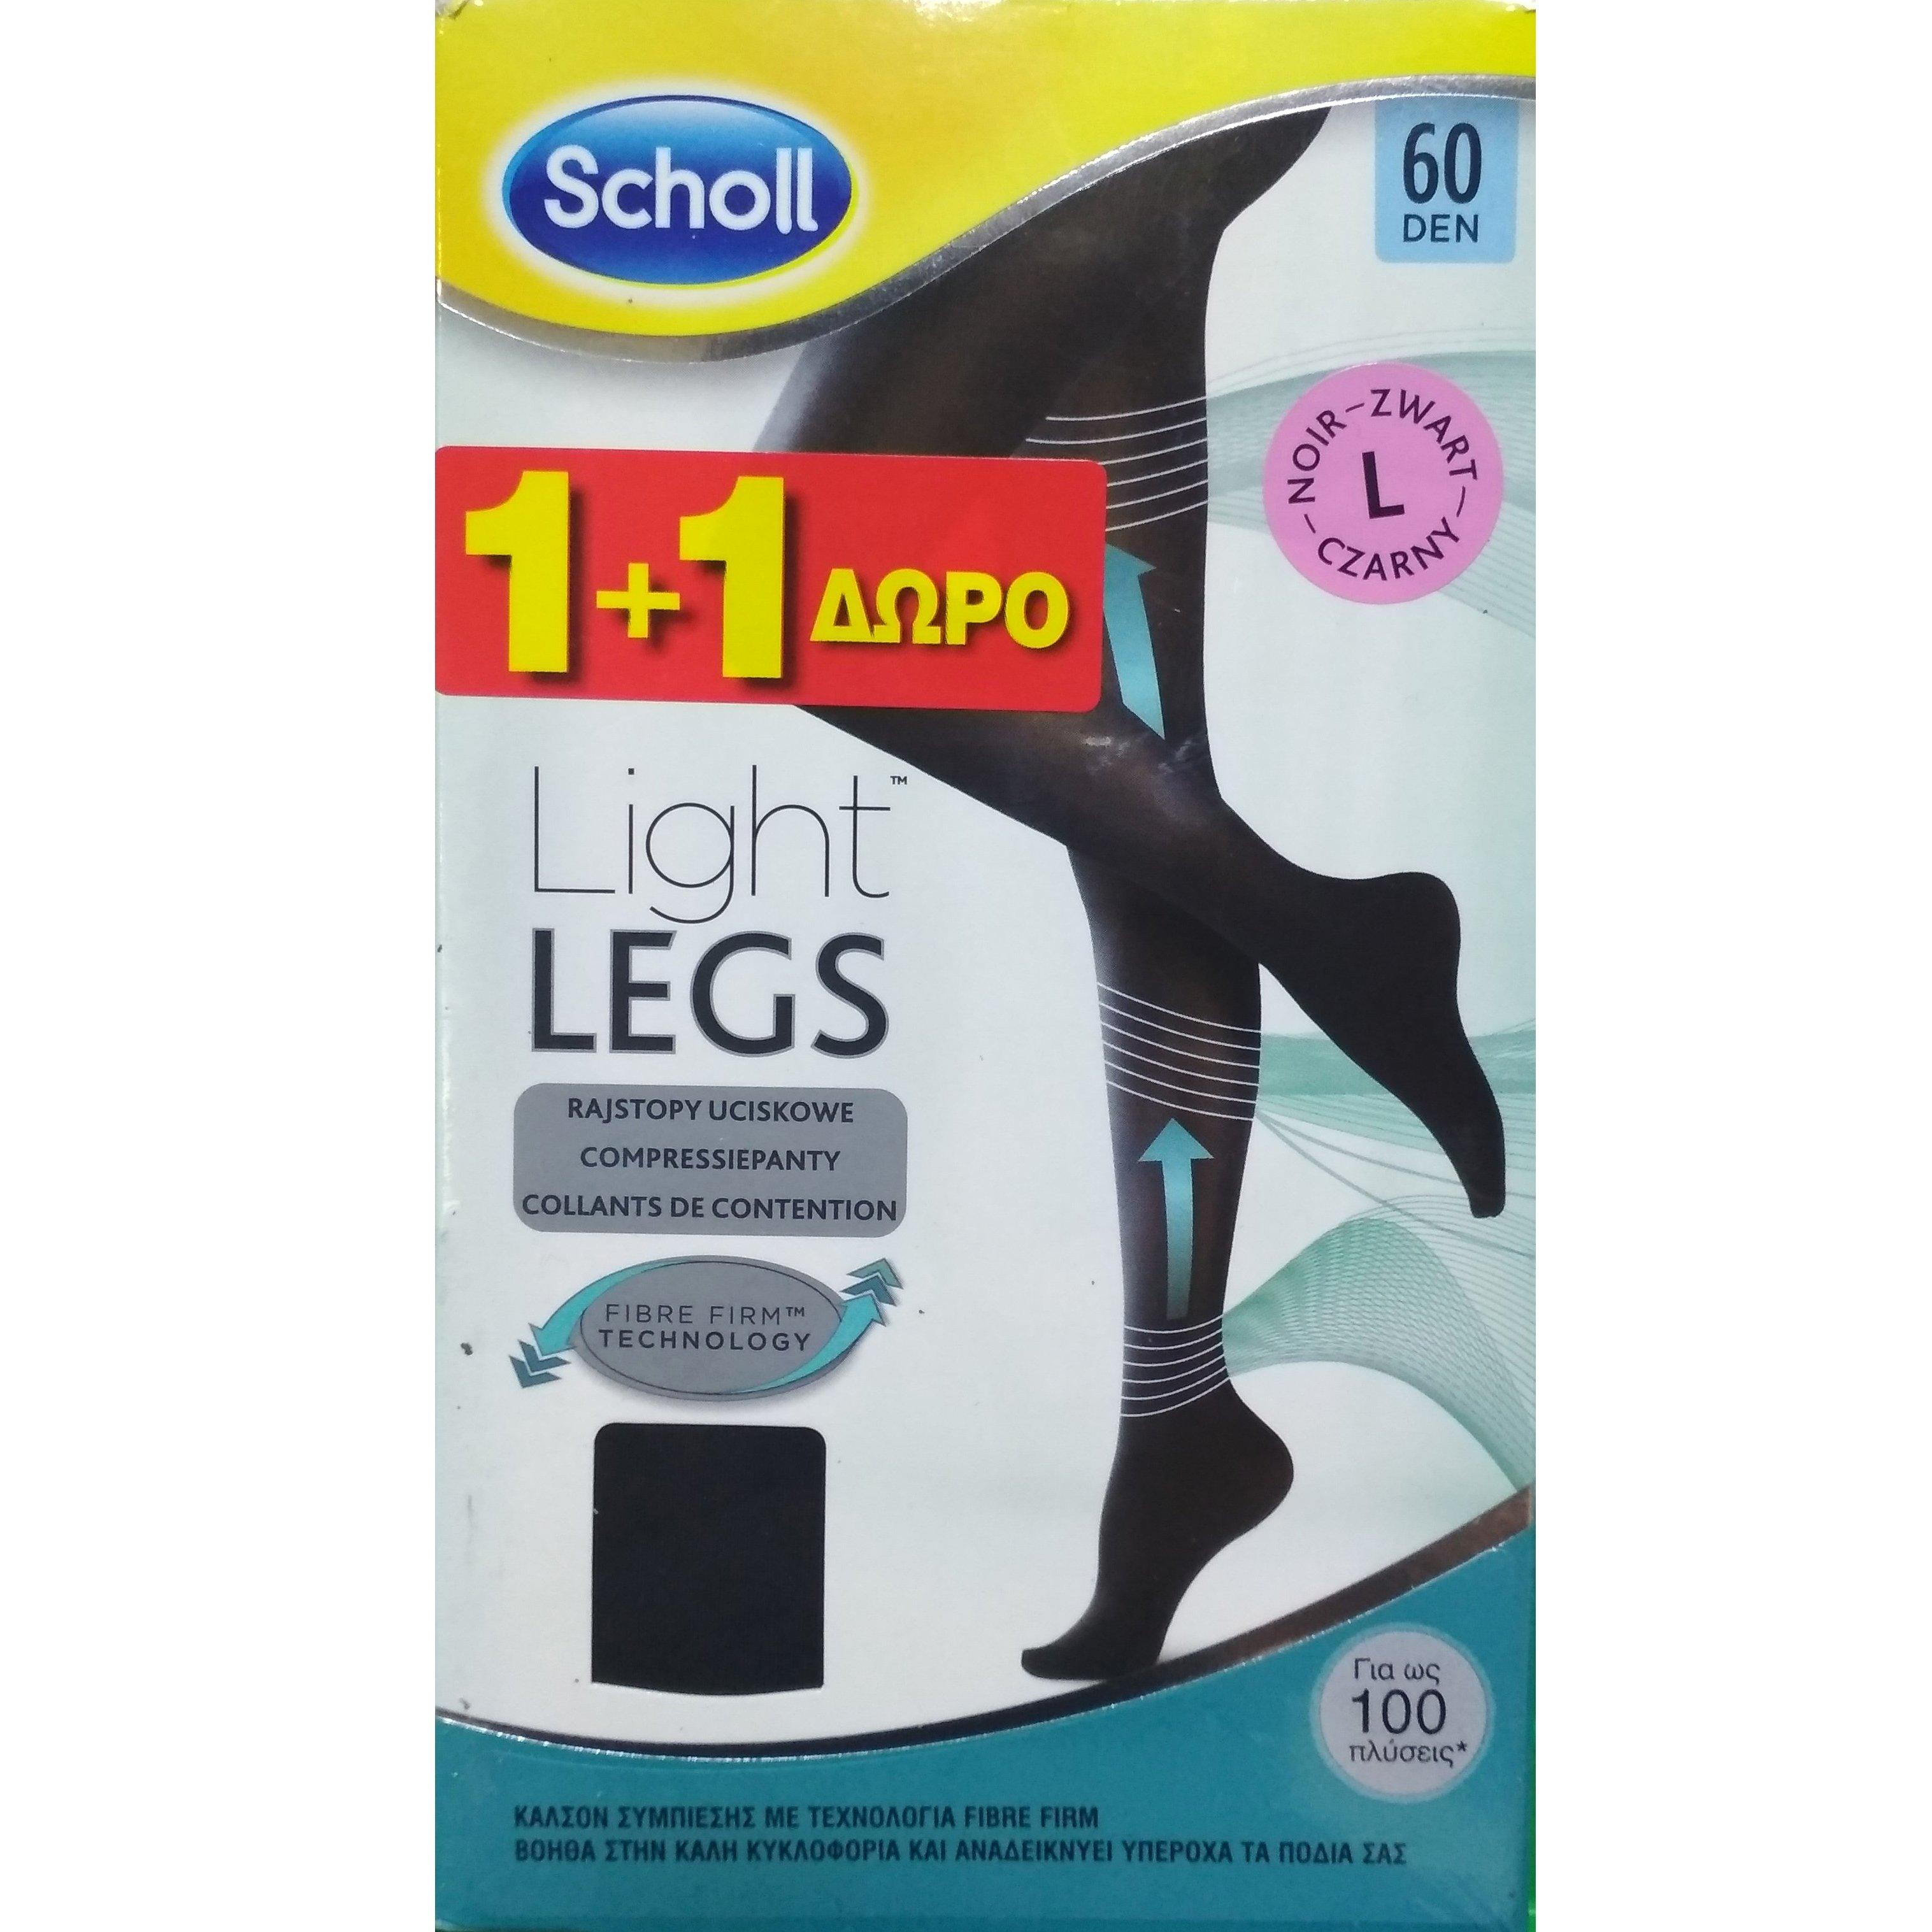 Dr Scholl Πακέτο Προσφοράς LightLegs 60 DEN Noir Καλσόν Διαβαθμισμένης Συμπίεσης προσφορές   δώρα  amp  προσφορές pharm24 gr   προϊόντα 1 1